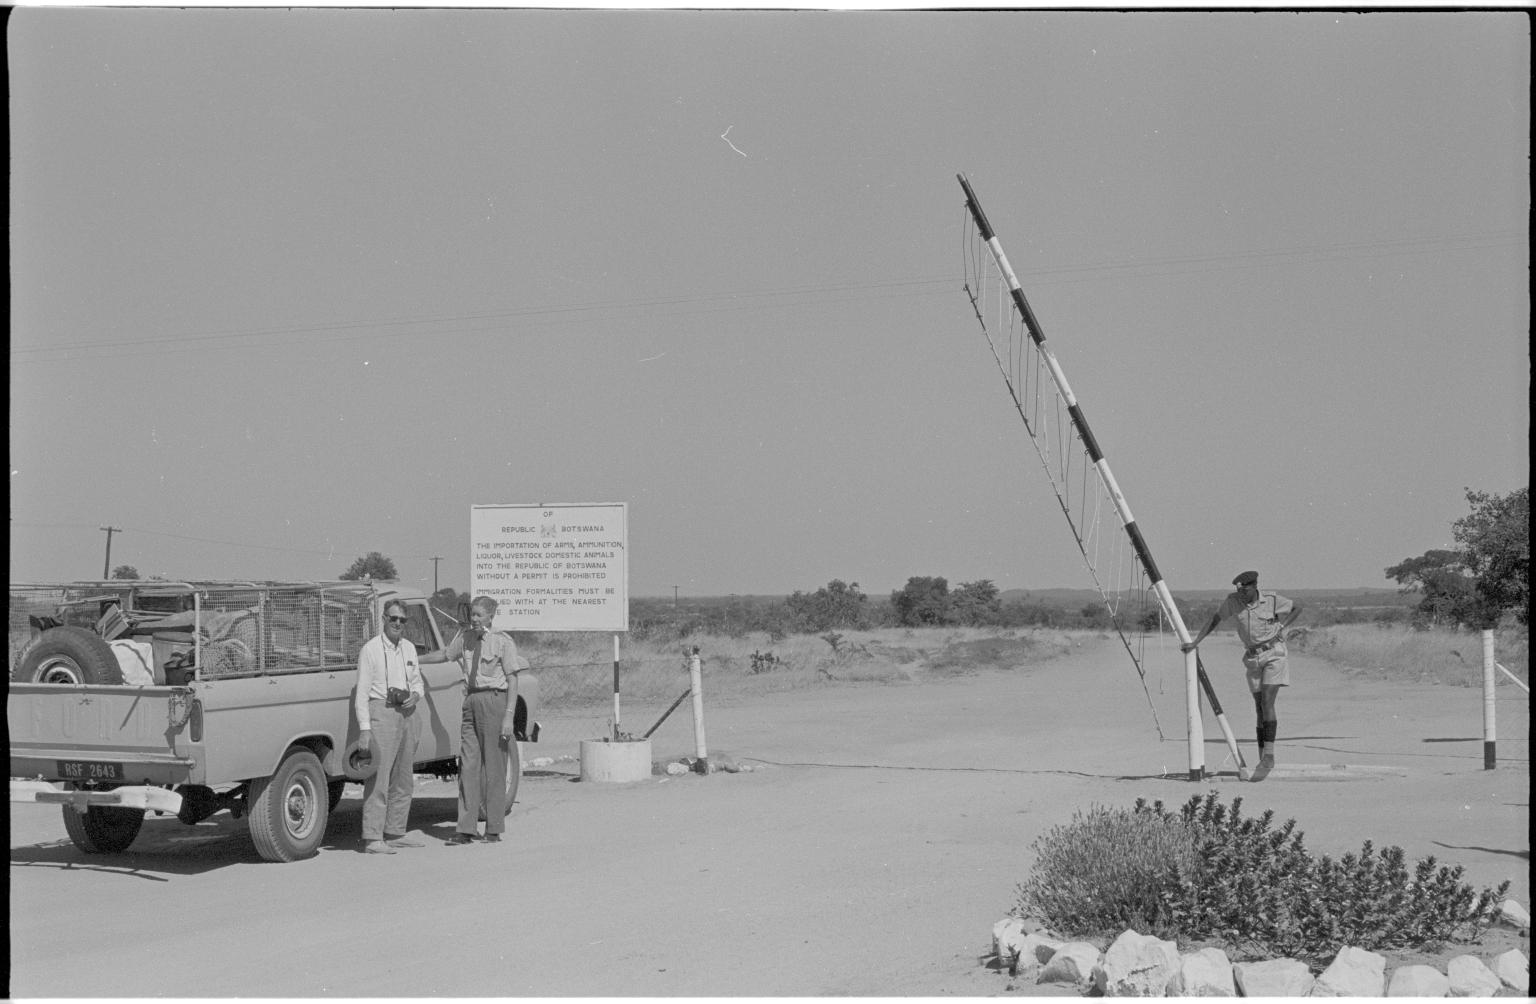 Rhodesia (Zimbabwe) Botswana border crossing